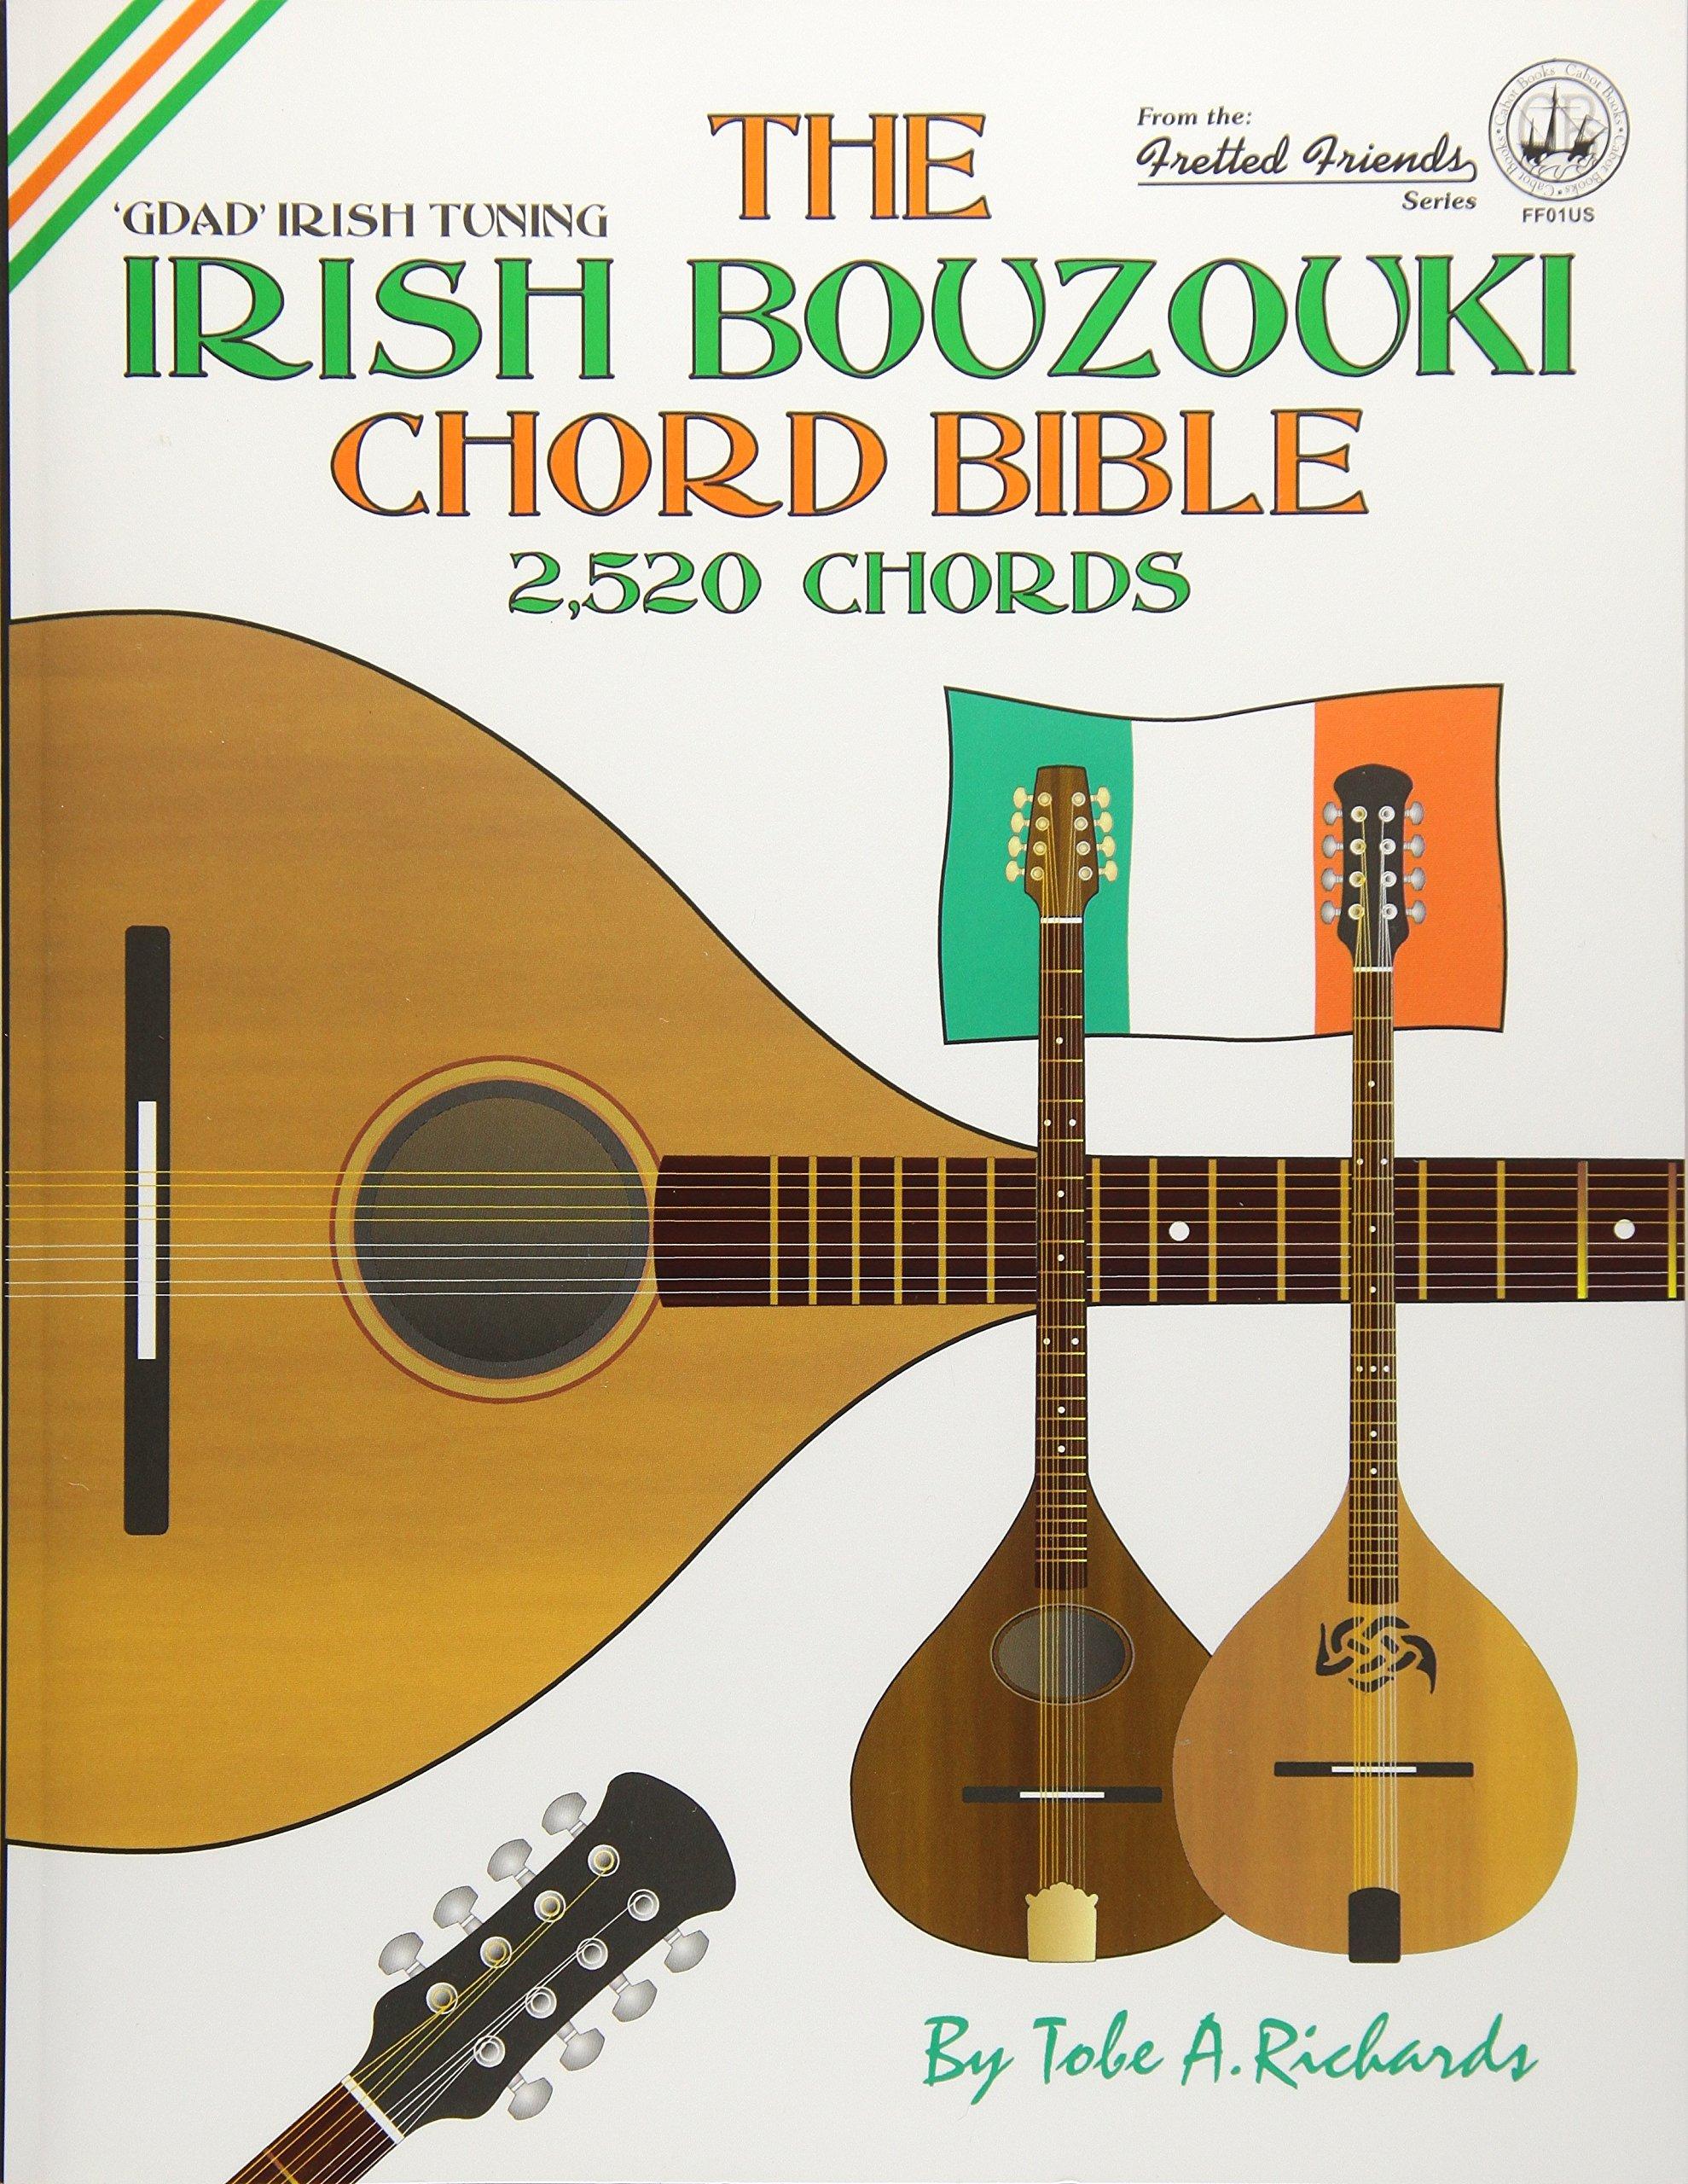 Amazon The Irish Bouzouki Chord Bible Gdad Irish Tuning 2520